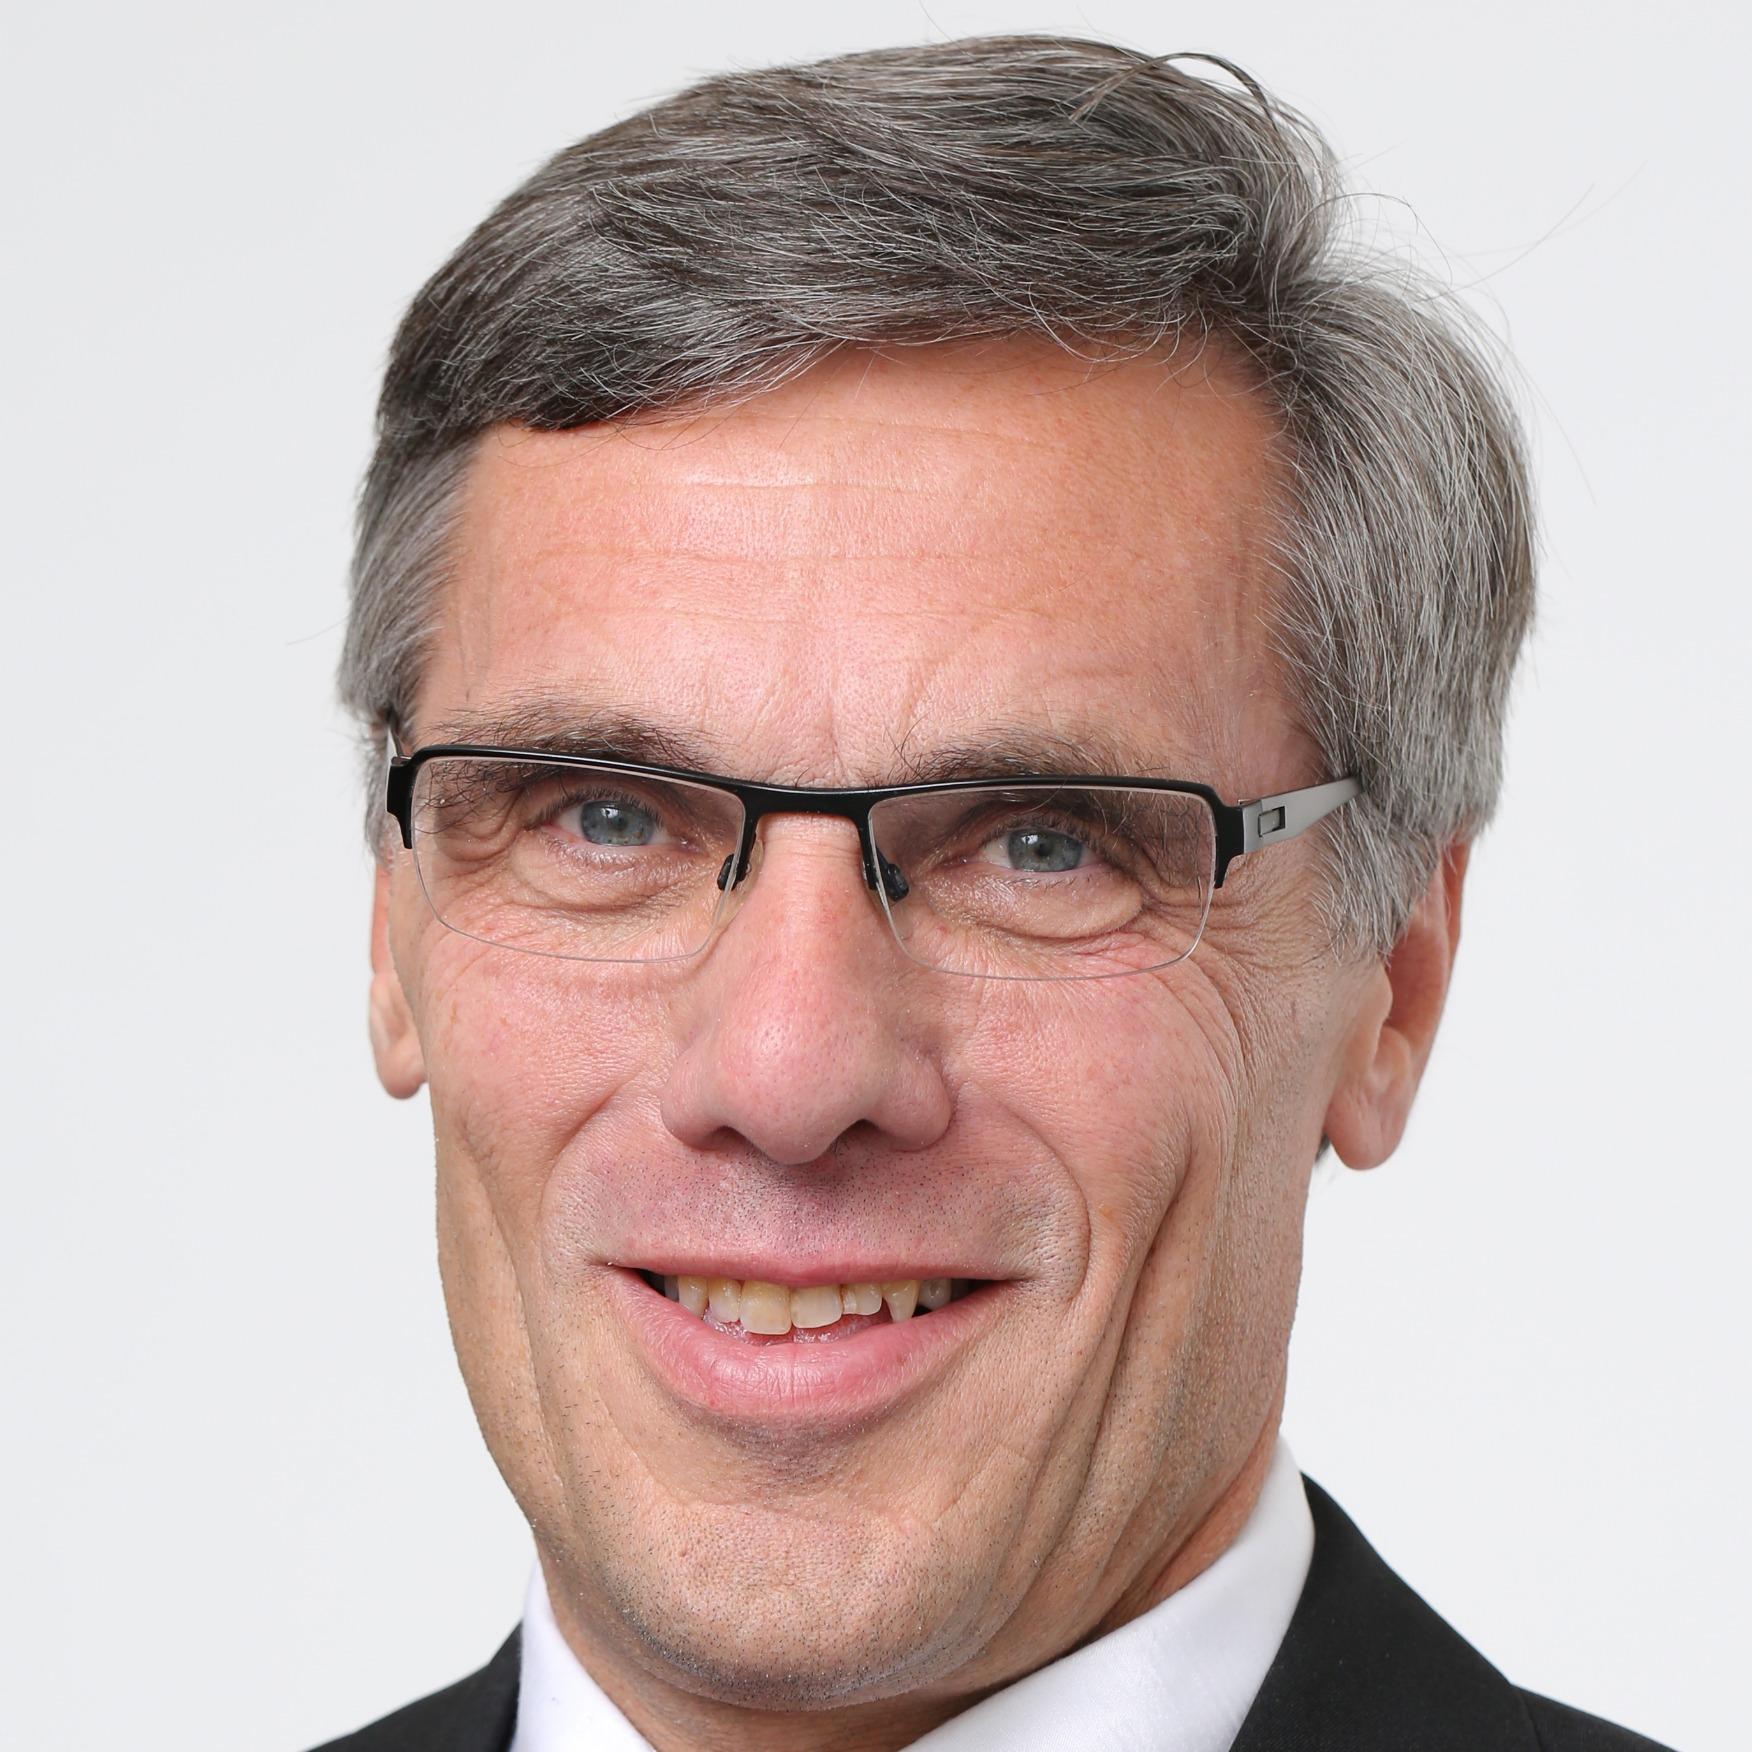 Franz Meyer